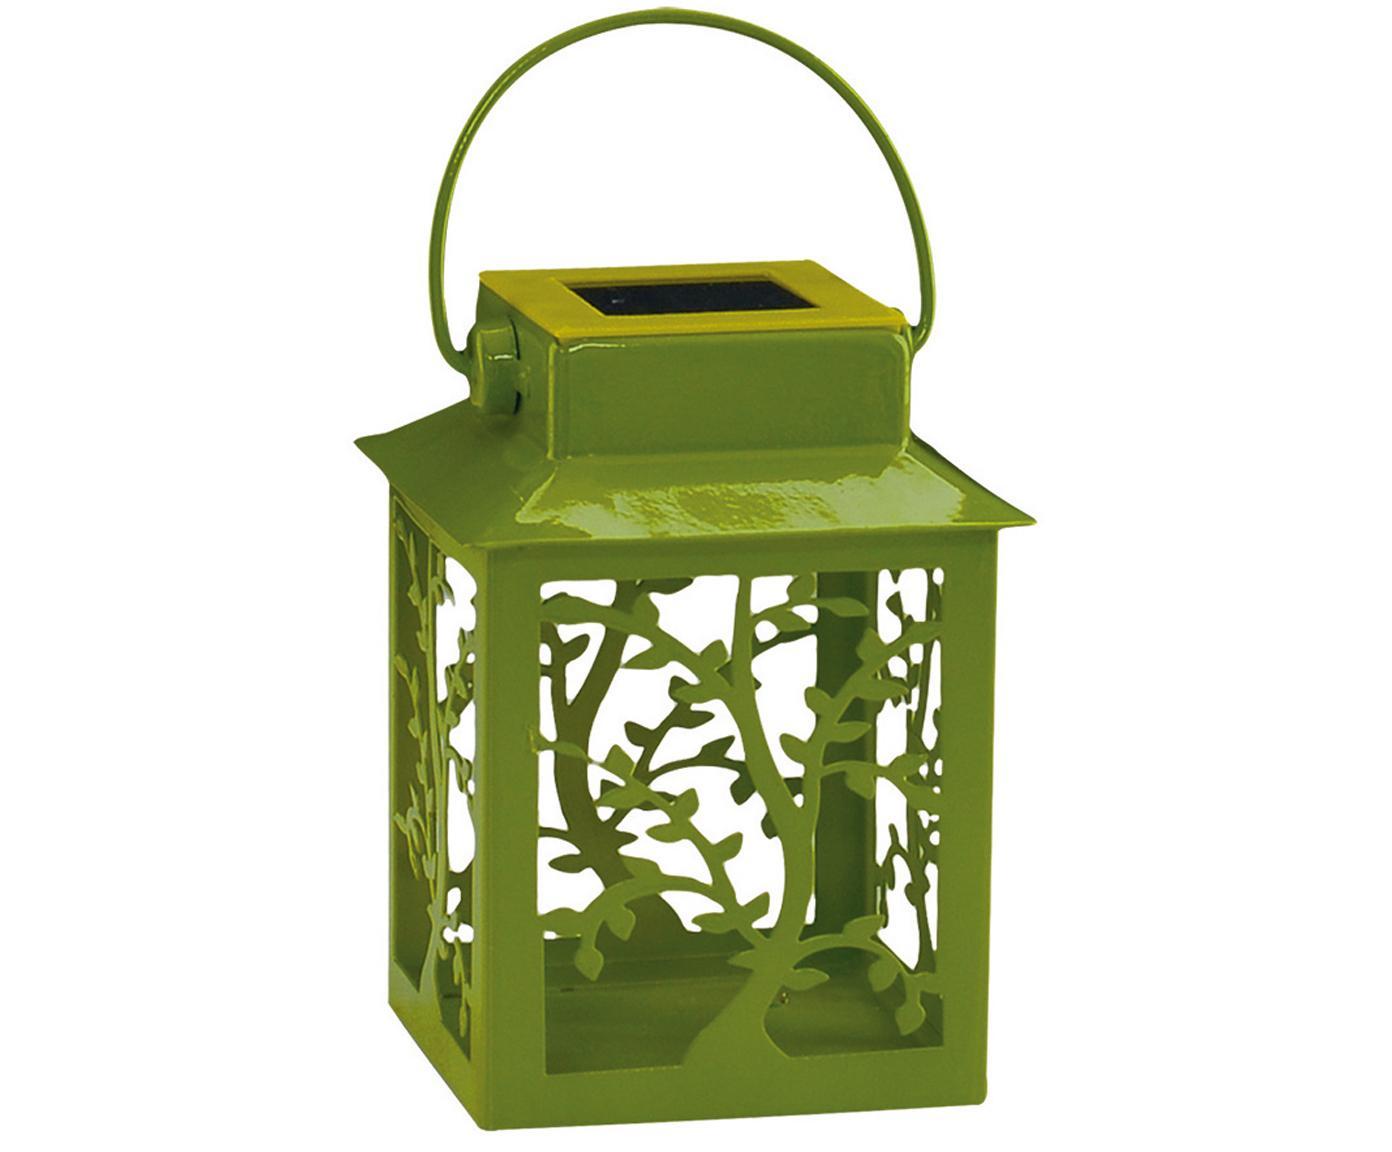 Solar LED lampen Garden-Lantern, 4 stuks, Metaal, kunststof, Groen, 8 x 13 cm